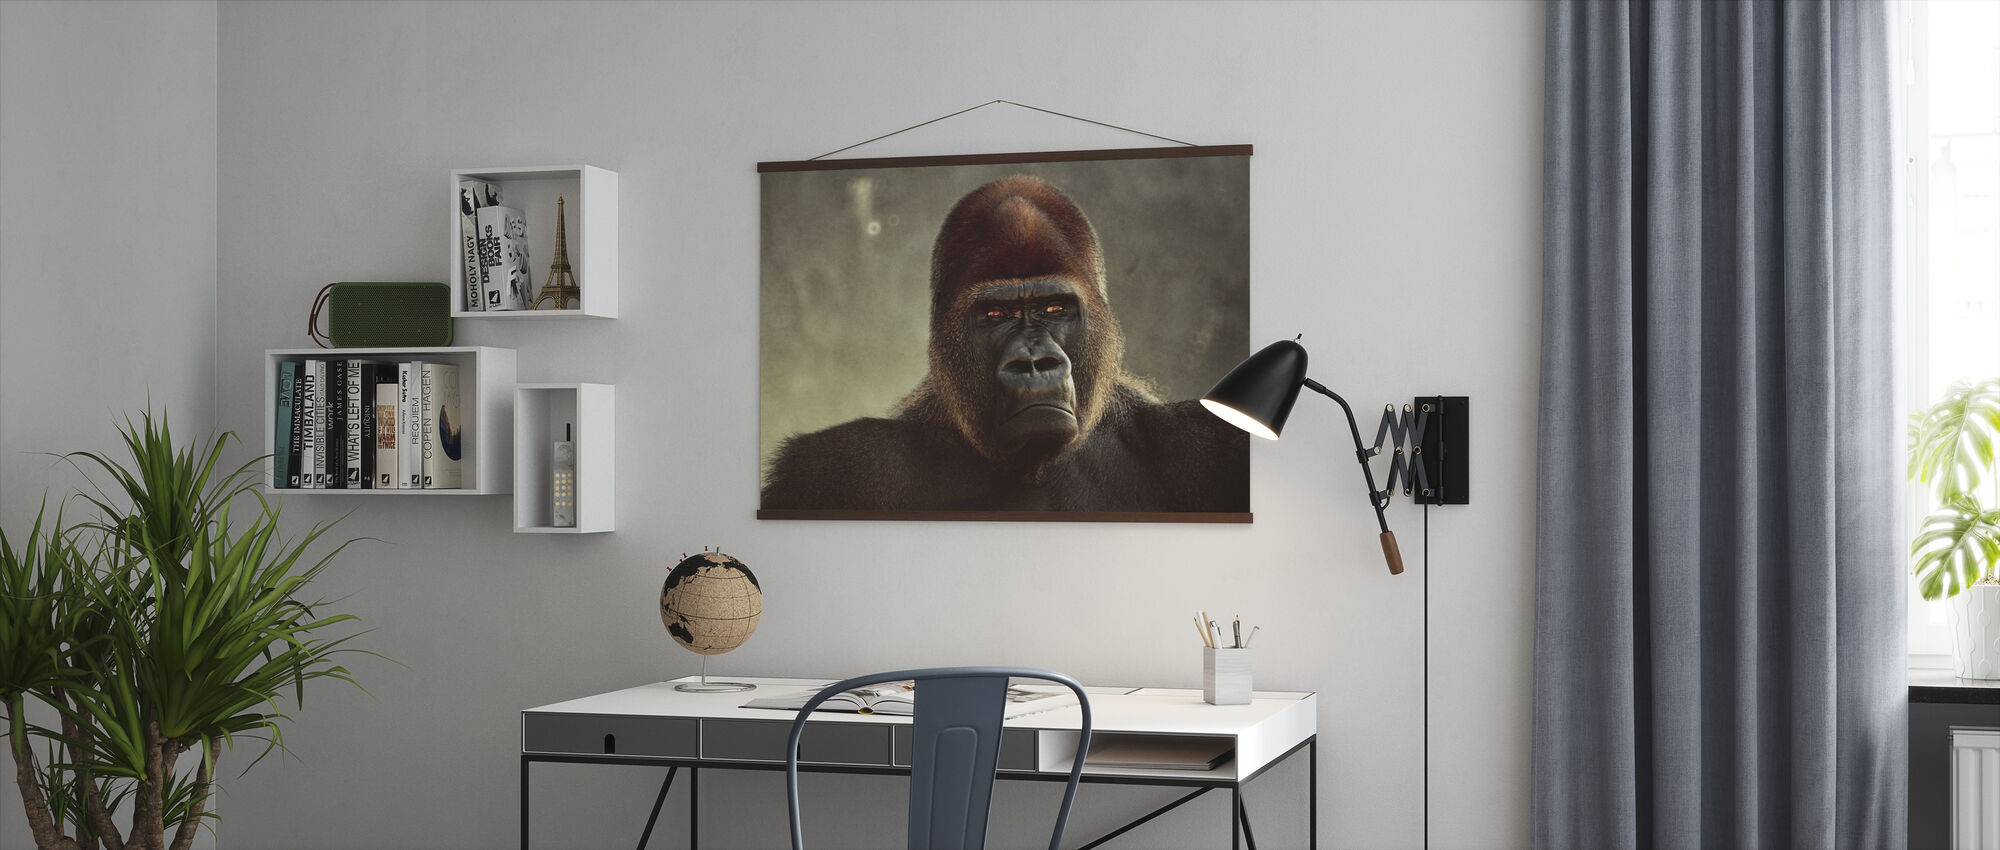 Mektige Gorilla - Plakat - Kontor